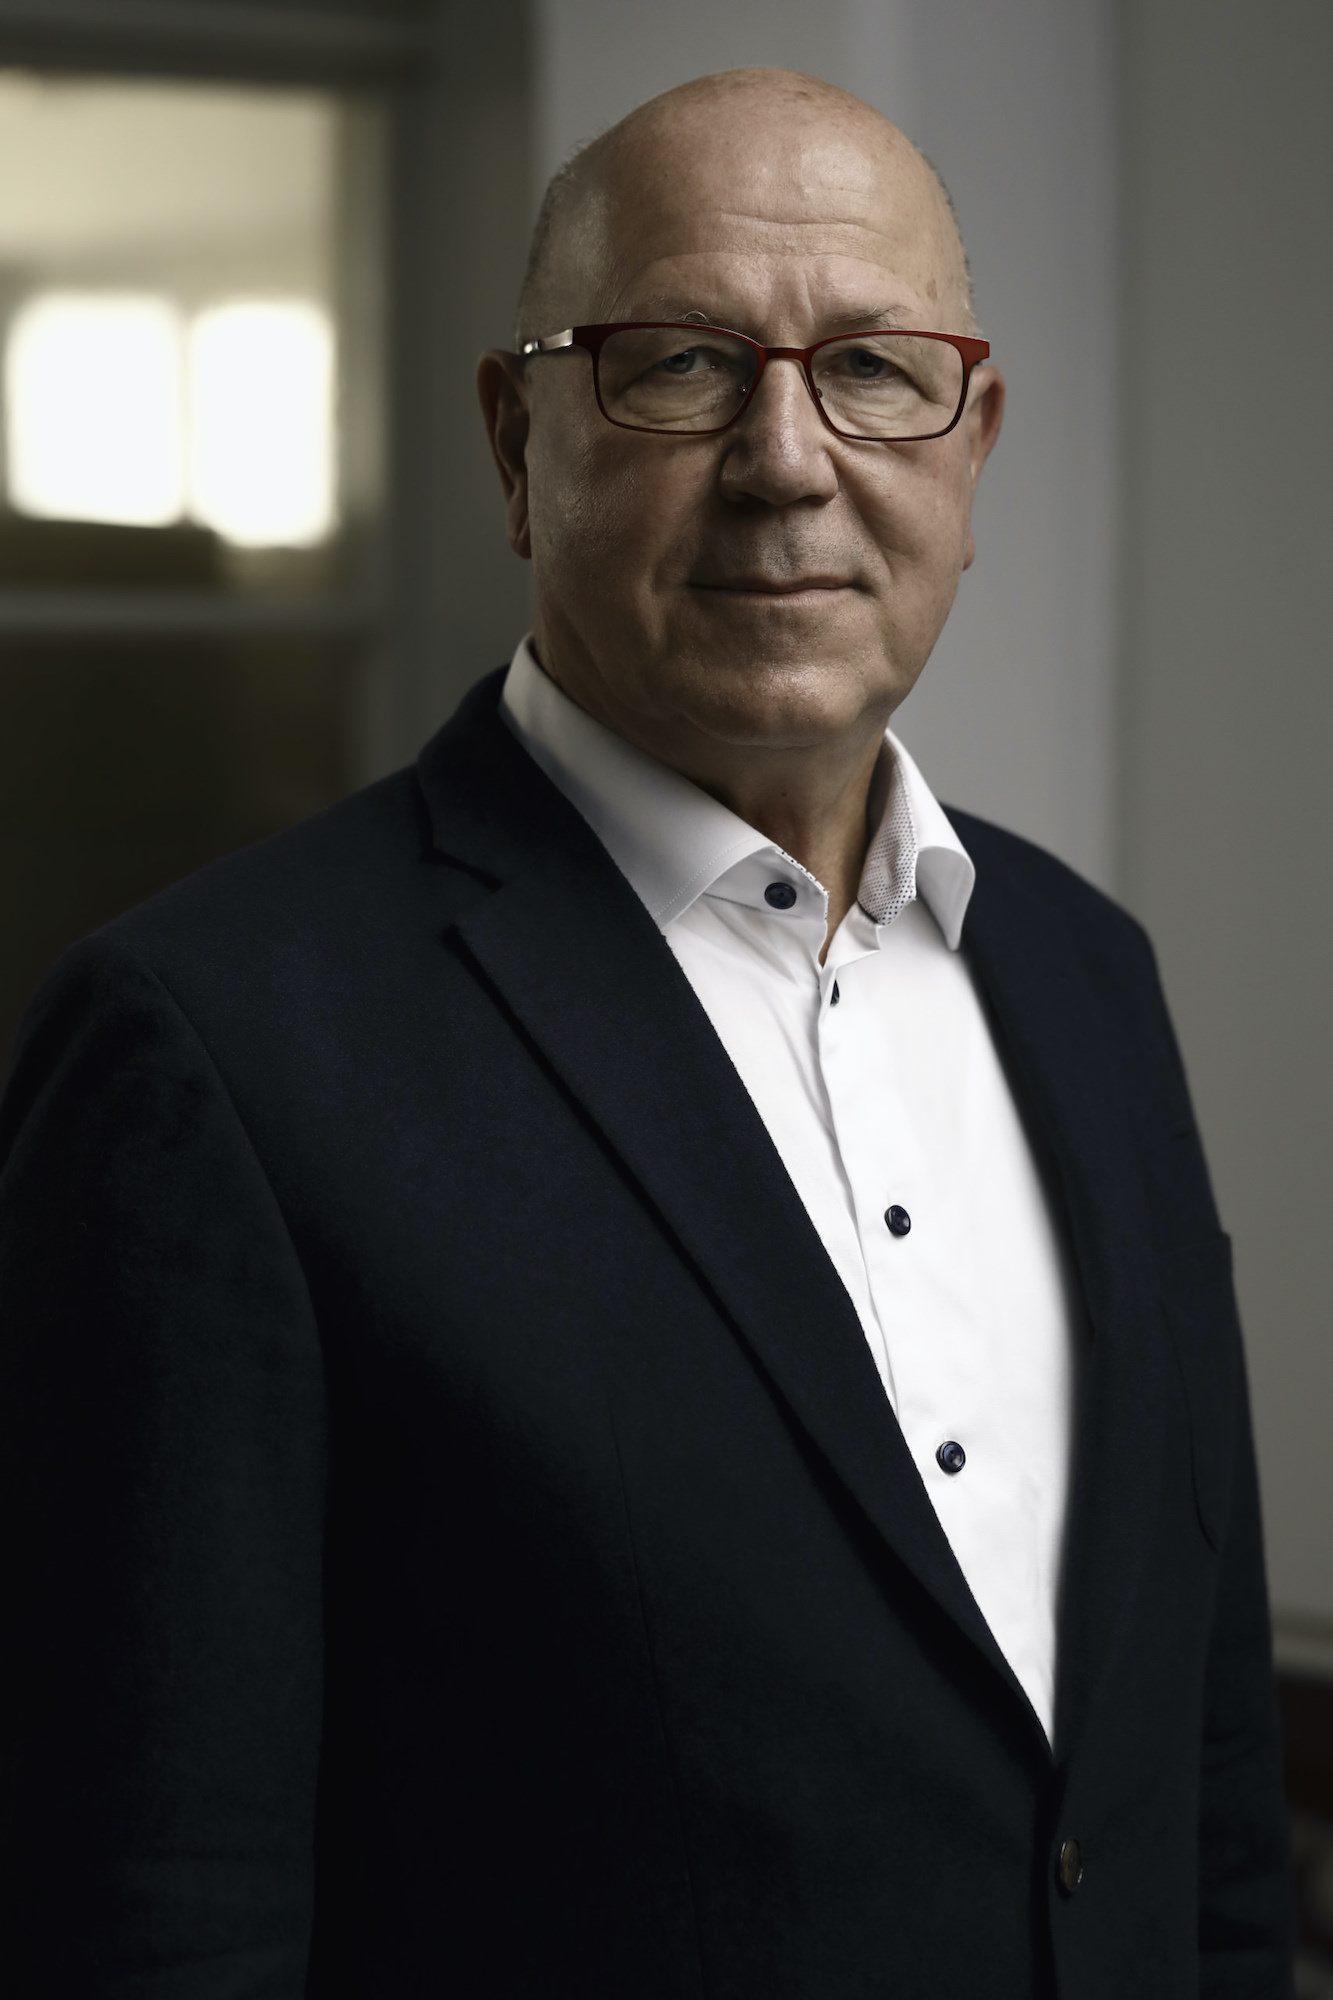 Oris Portrait Ulrich W. Herzog, Chairman